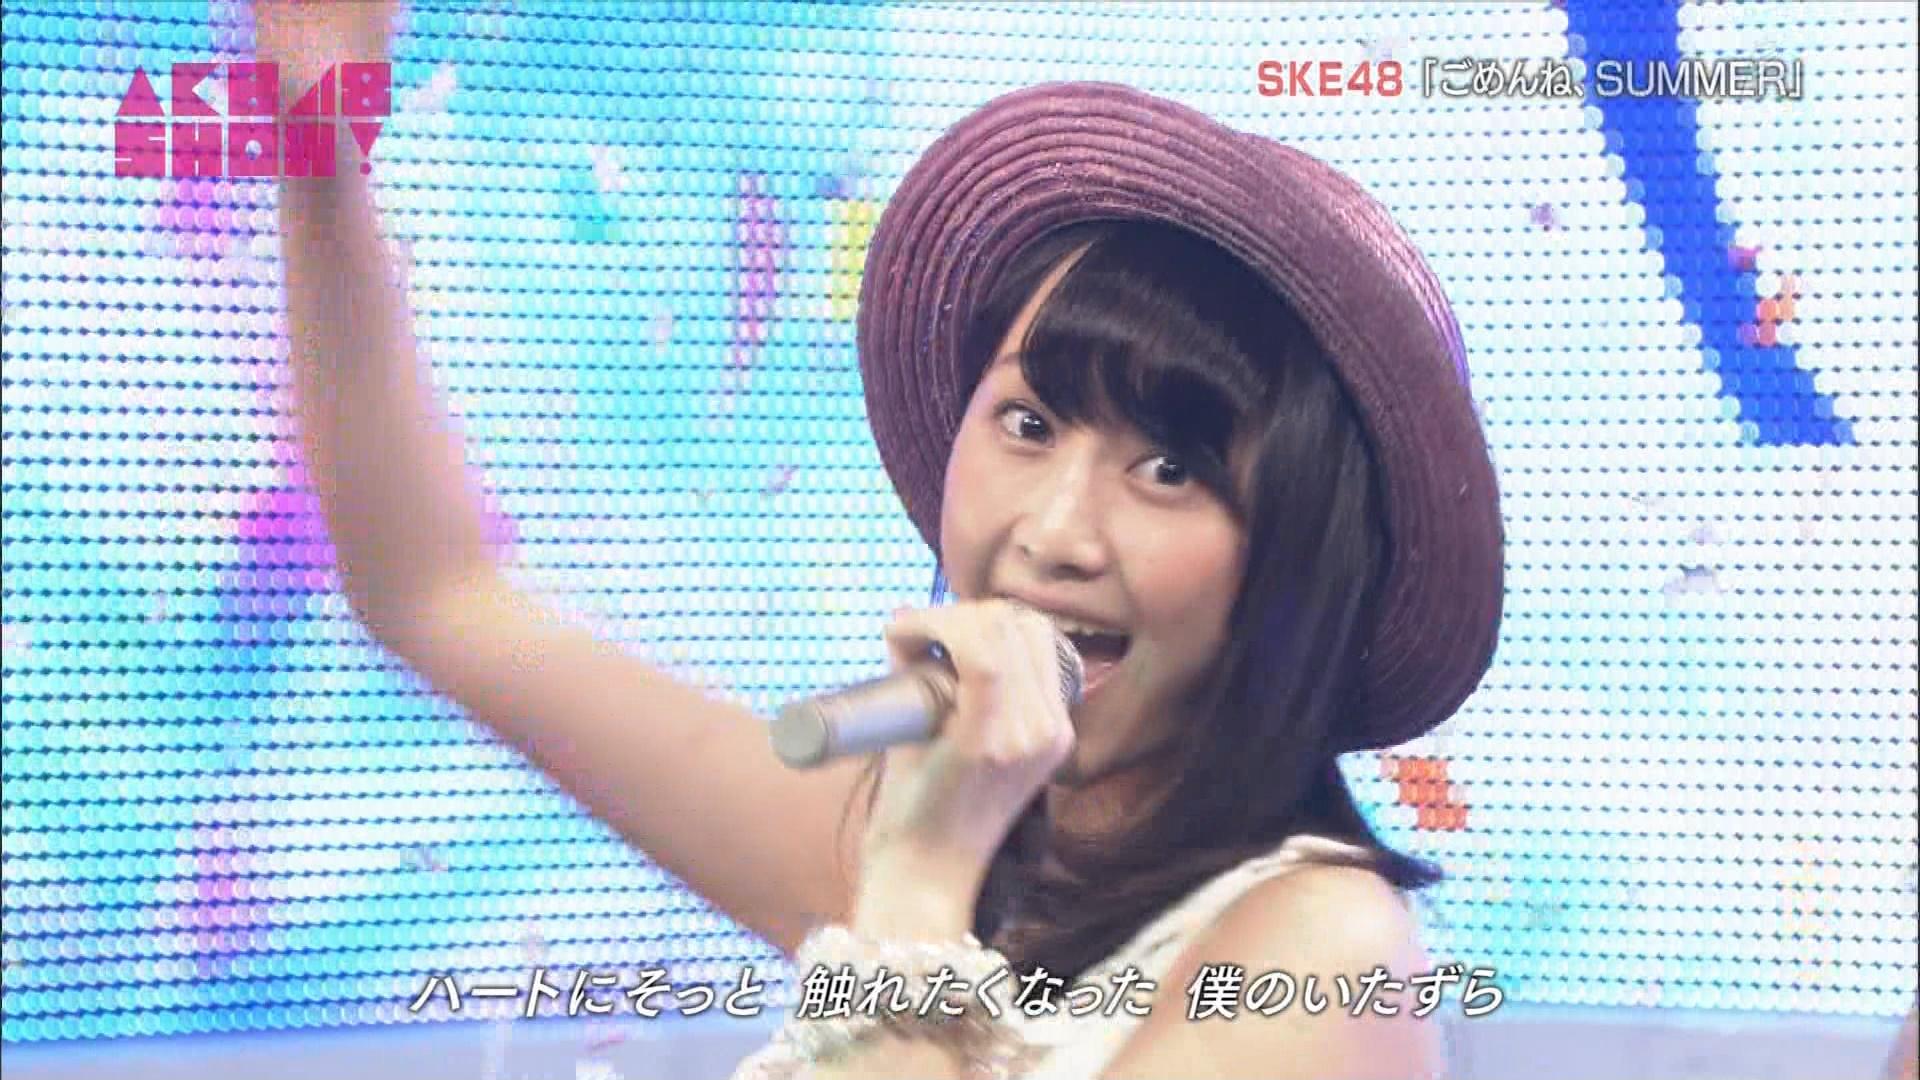 AKB48SHOW ごめんね、SUMMER 松井玲奈 20140830 (16)